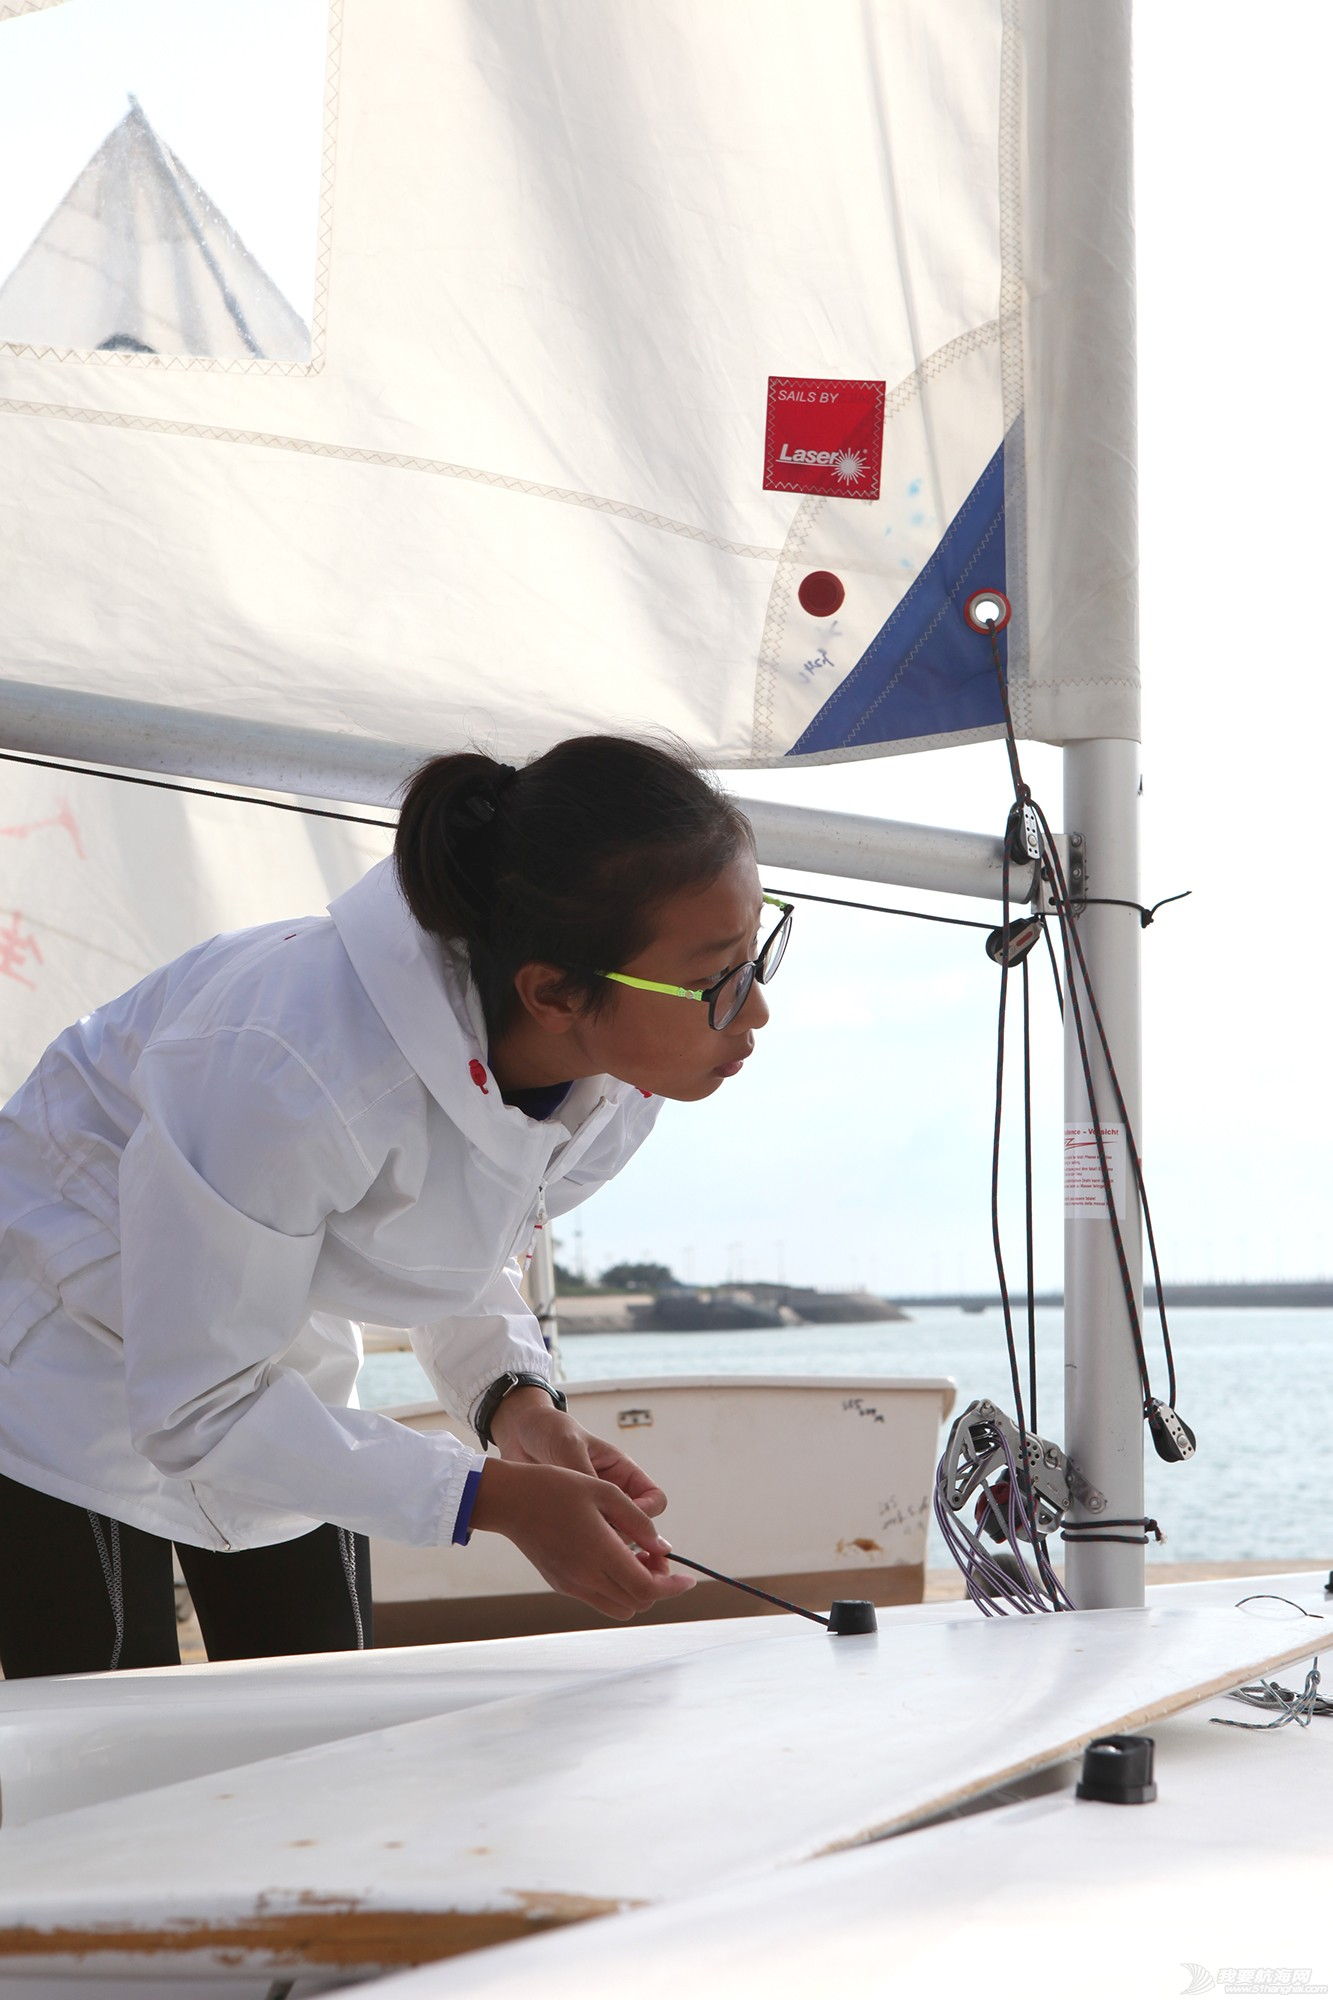 山东省,冠军赛,帆板,帆船 忙碌的赛前准备——山东省帆船帆板冠军赛花絮 IMG_7271.JPG